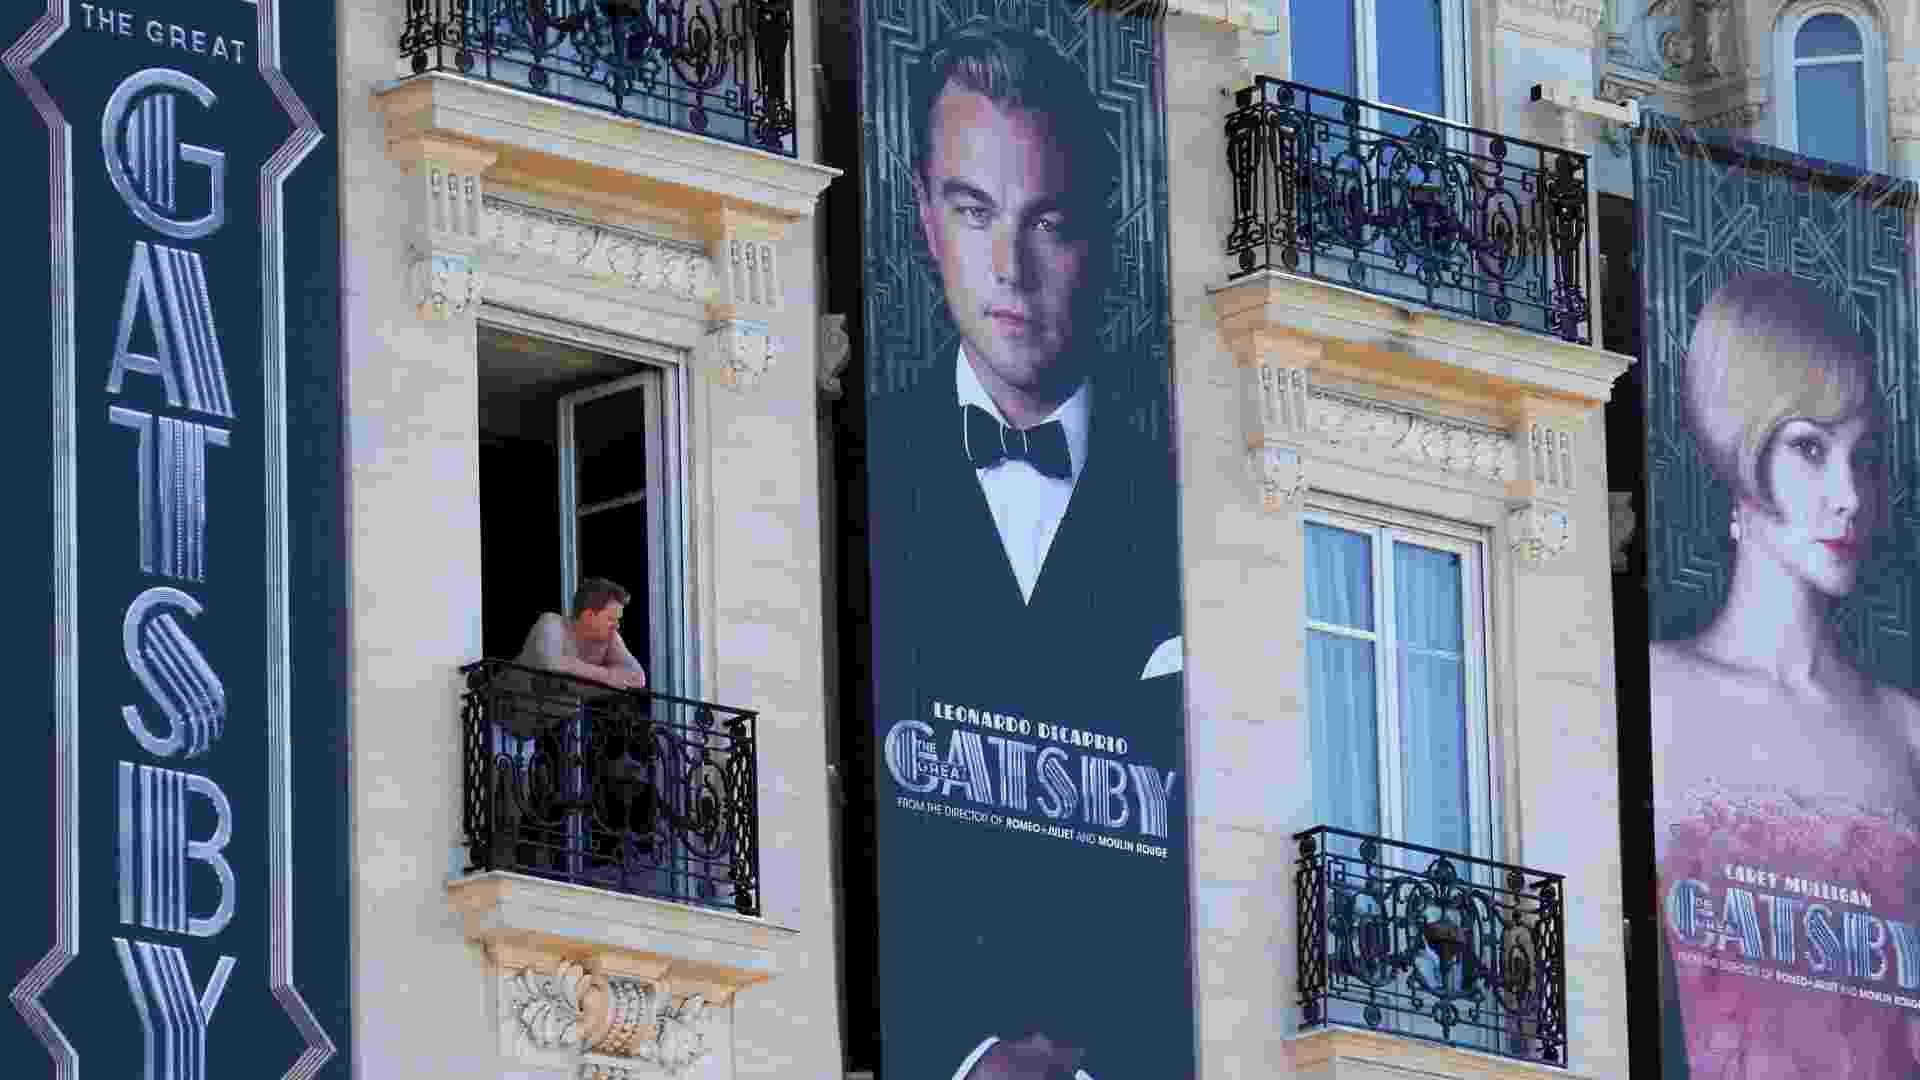 """13.mai.2013 - Pôsters do filme """"O Gande Gatsby"""" com os atores  Leonardo DiCaprio e Carey Mulligan são instalados na fachada do hotel Carlton, em Cannes.  O filme, escolhido para abrir o festival, será o segundo exibido em 3D na história do festival. O primeiro foi a animação """"Up ? Altas Aventuras"""", da Pixar, em 2009. O Festival de Cannes 2013 acontece entre os dias 15 e 26 de maio - Regis Duvignau/Reuters"""